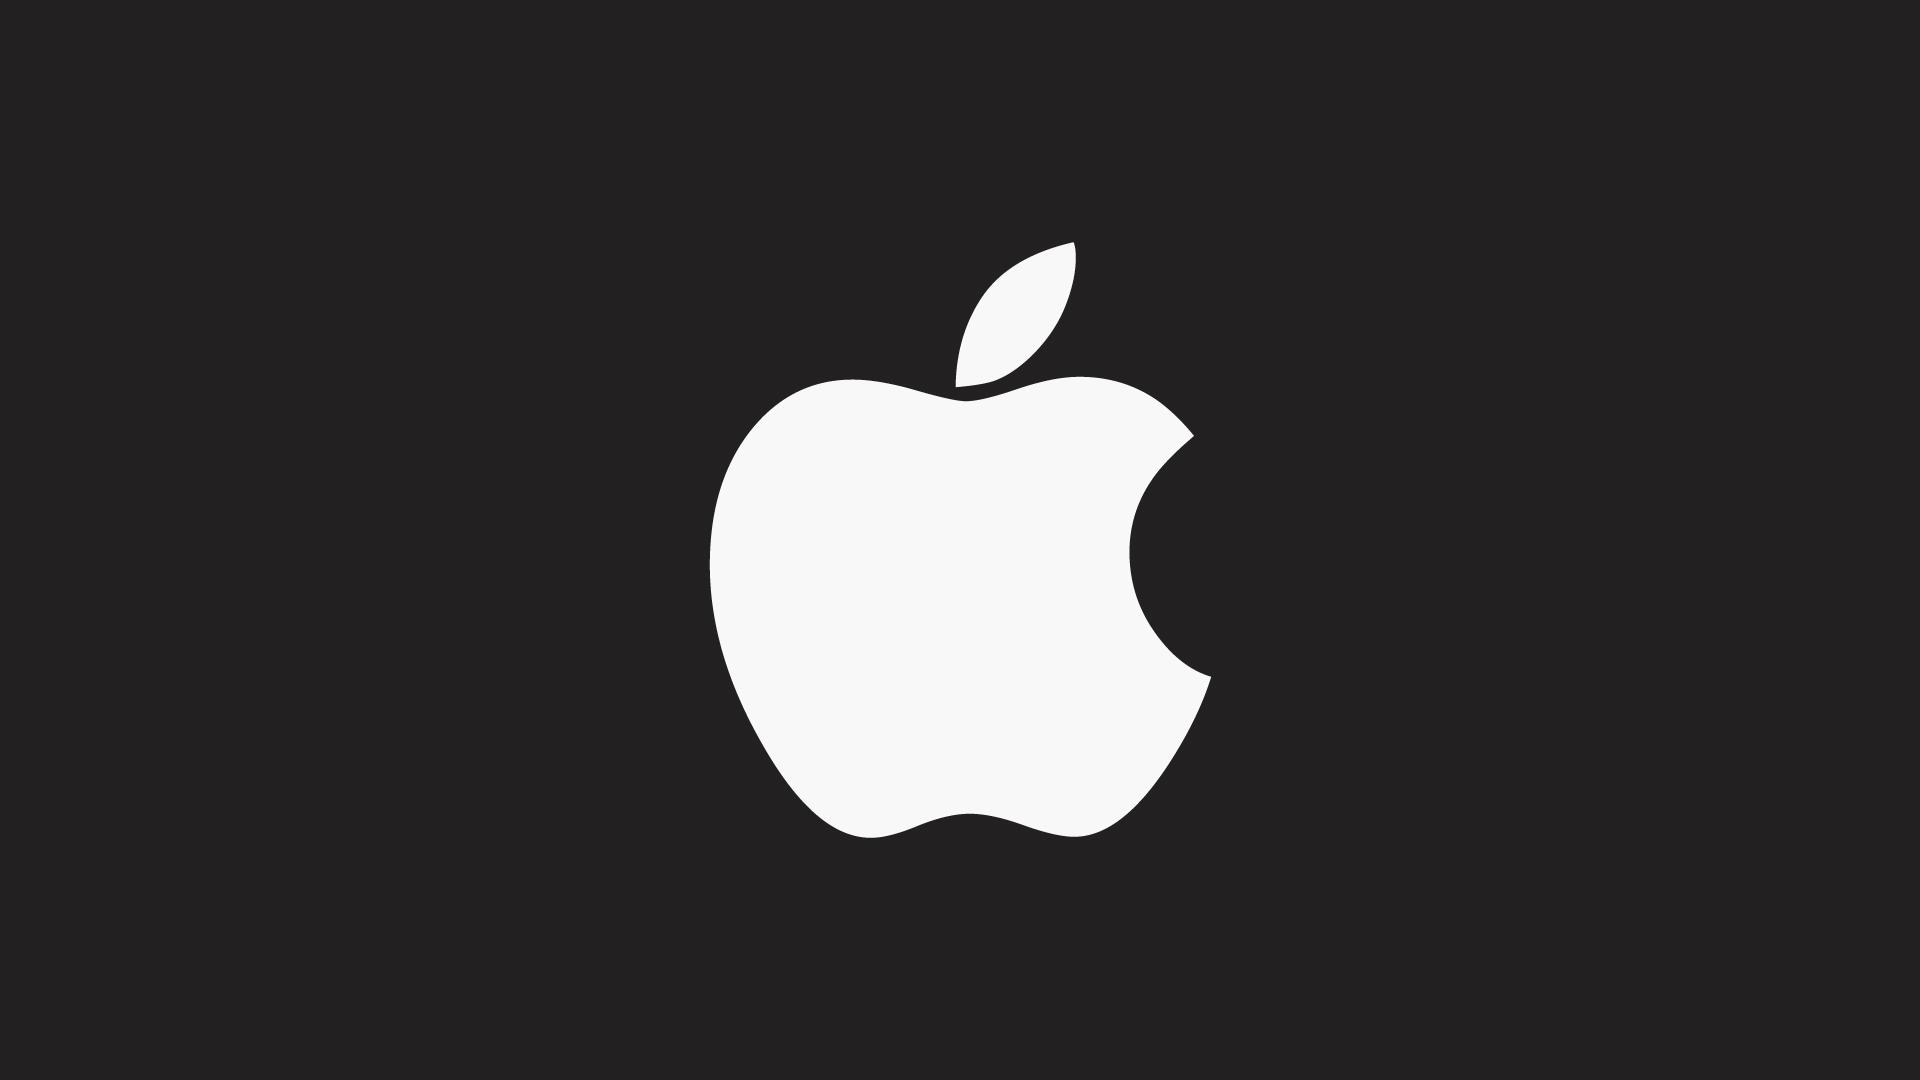 Kiểm tra phiên bản iOS tối đa cho iPhone/iPad/iPod touch